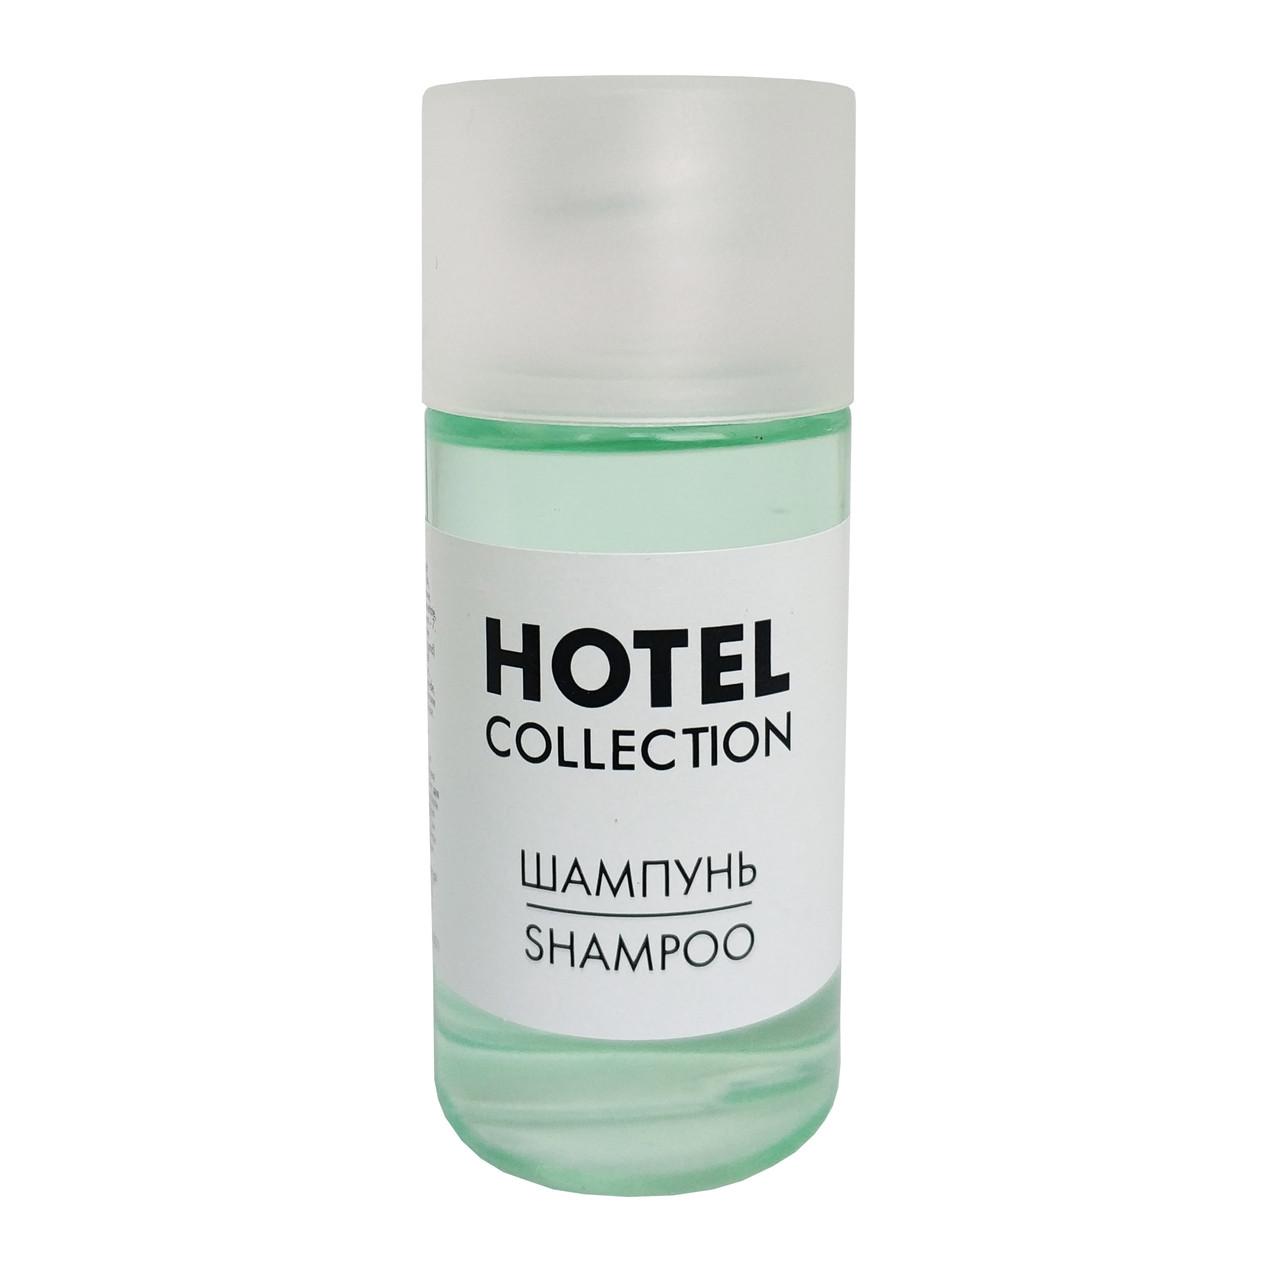 """Шампунь 30 мл """"HOTEL COLLECTION"""" одноразовый, для гостиниц"""